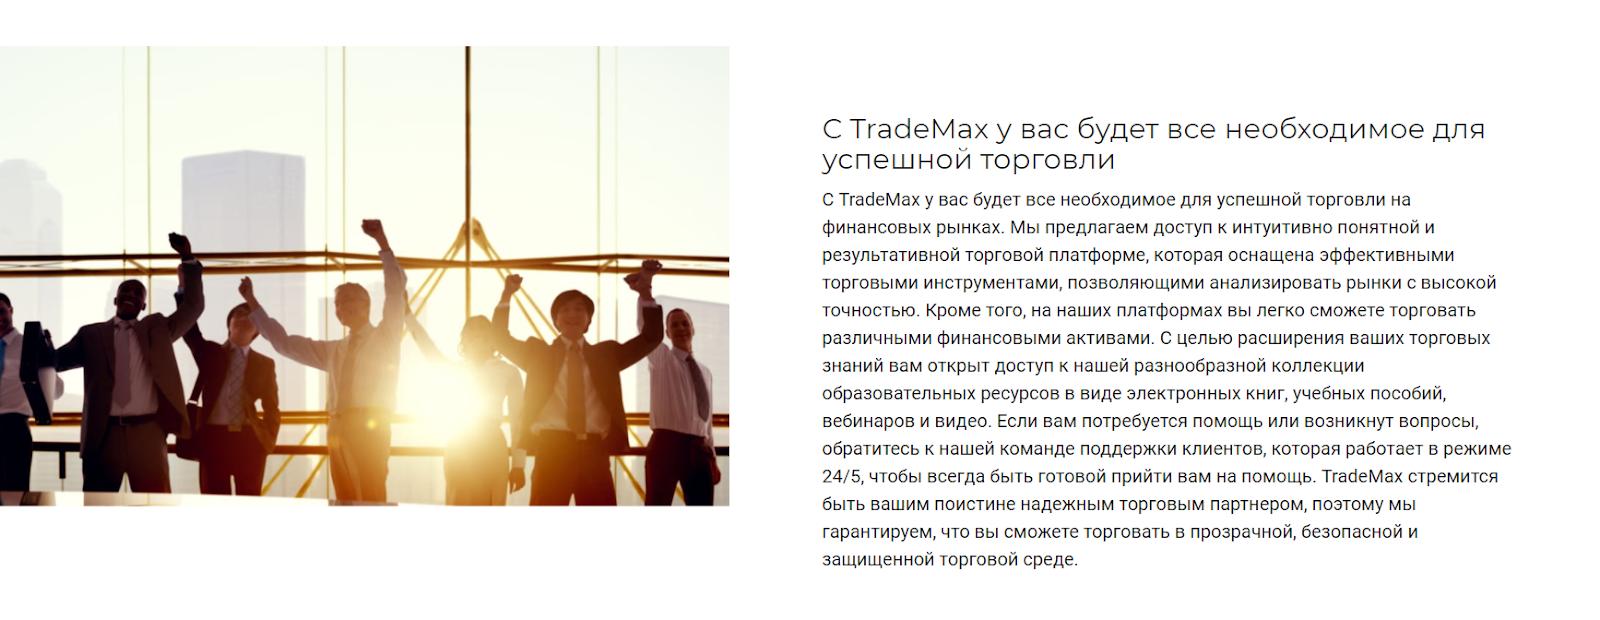 Отзывы о TradeMax: что о брокере думают пользователи? обзор